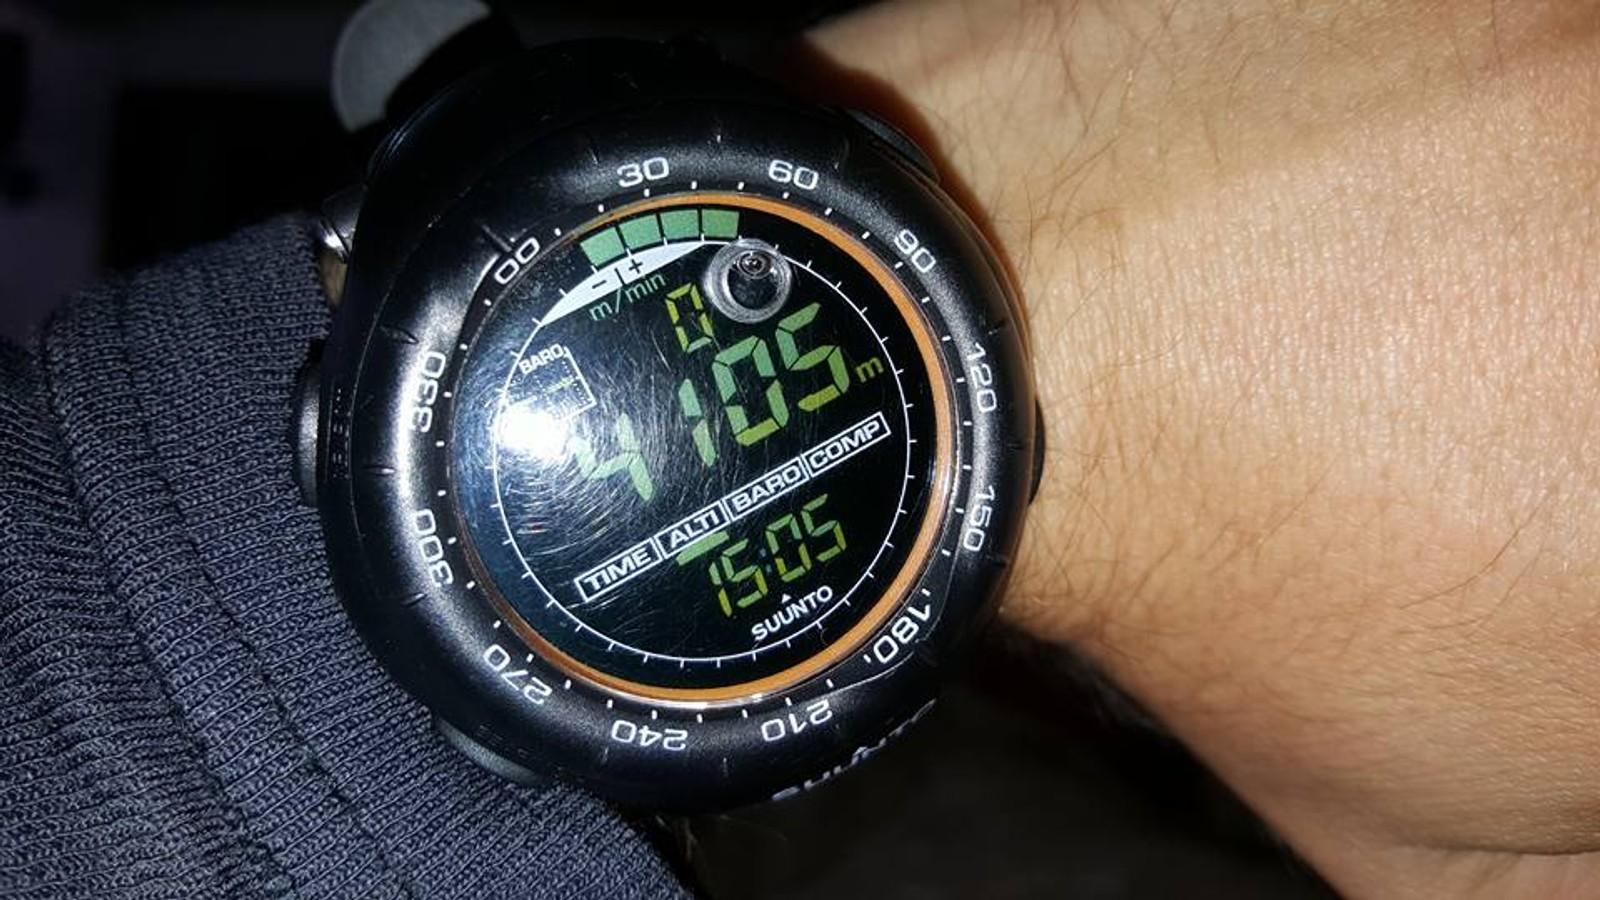 Høydemåleren viser at Mats har passert 4100-metersgrensen.